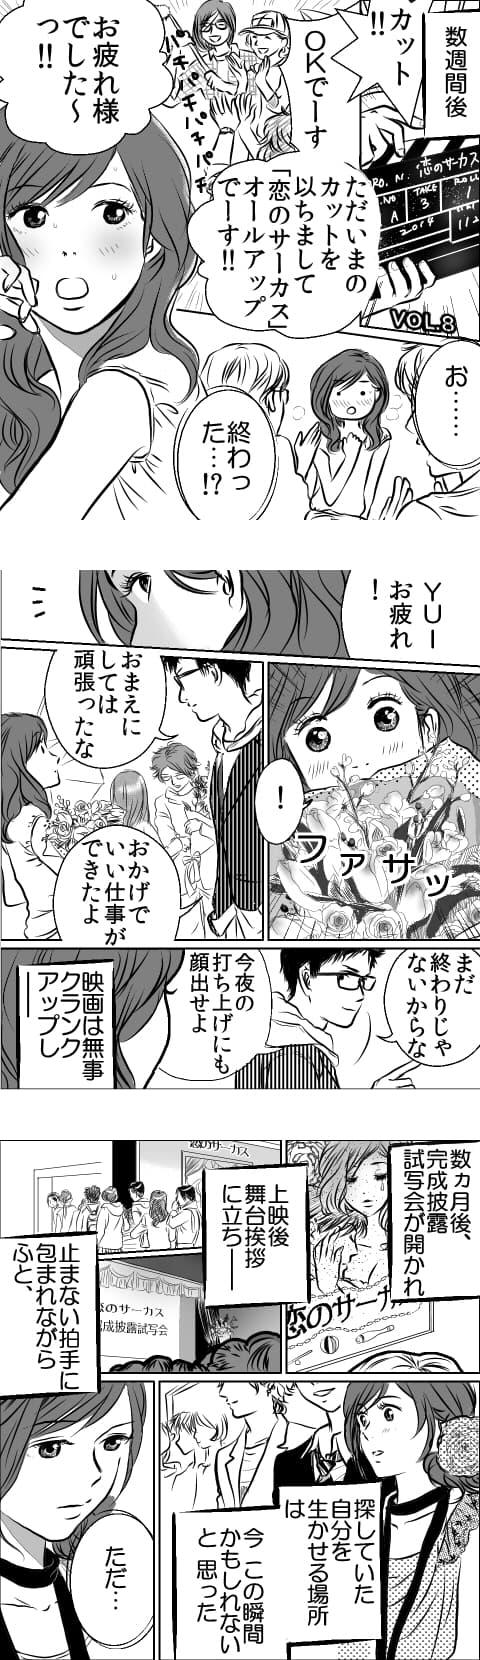 シンデレラX 漫画 マンガ エルシーラブコスメティック ラブグッズ OL モデル 三角関係 佐伯紅緒 ミユキ